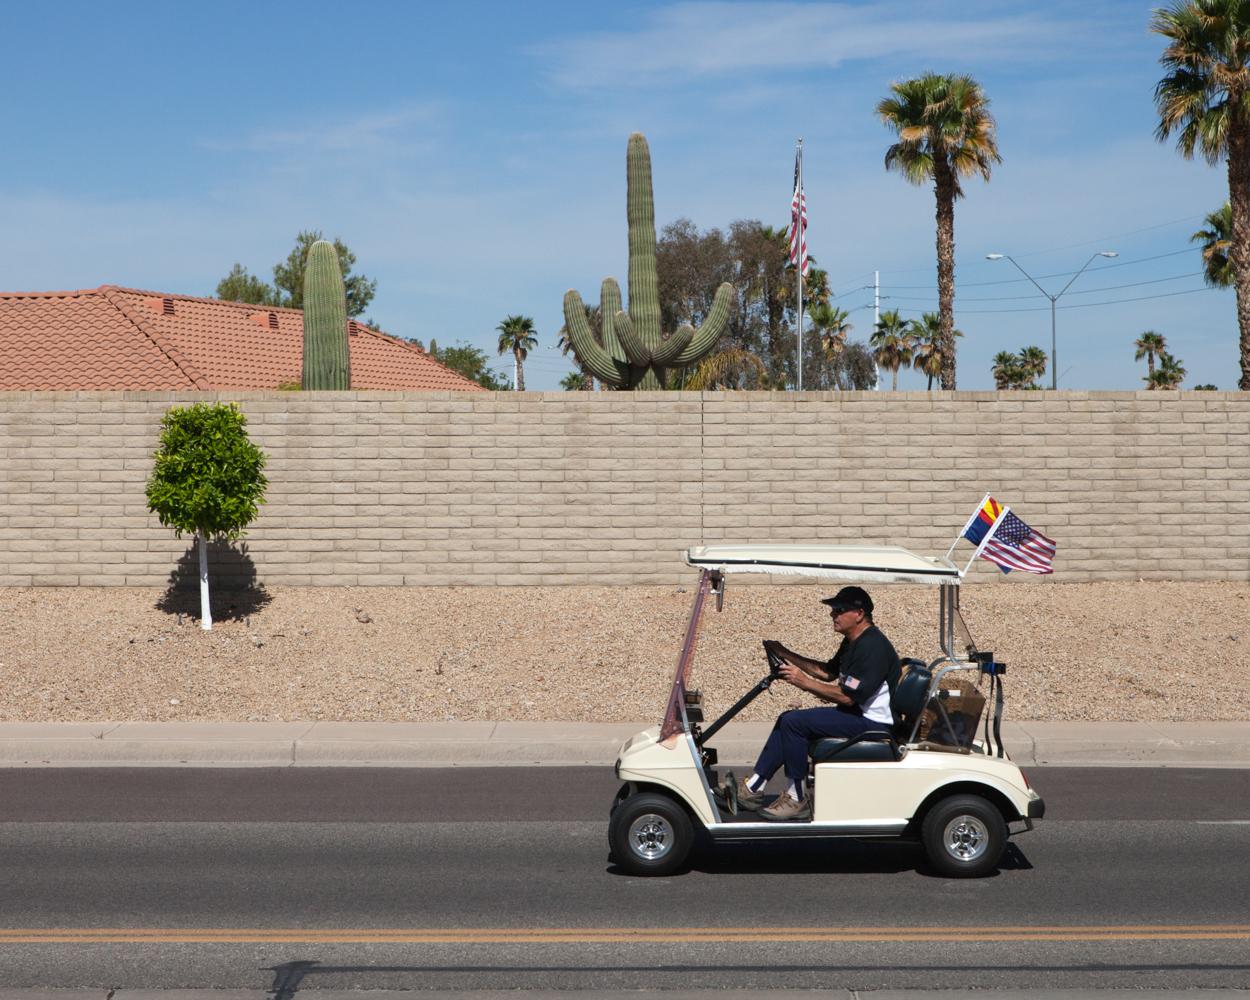 Voiturette de golf roulant sur une artère de la ville, Sun City West